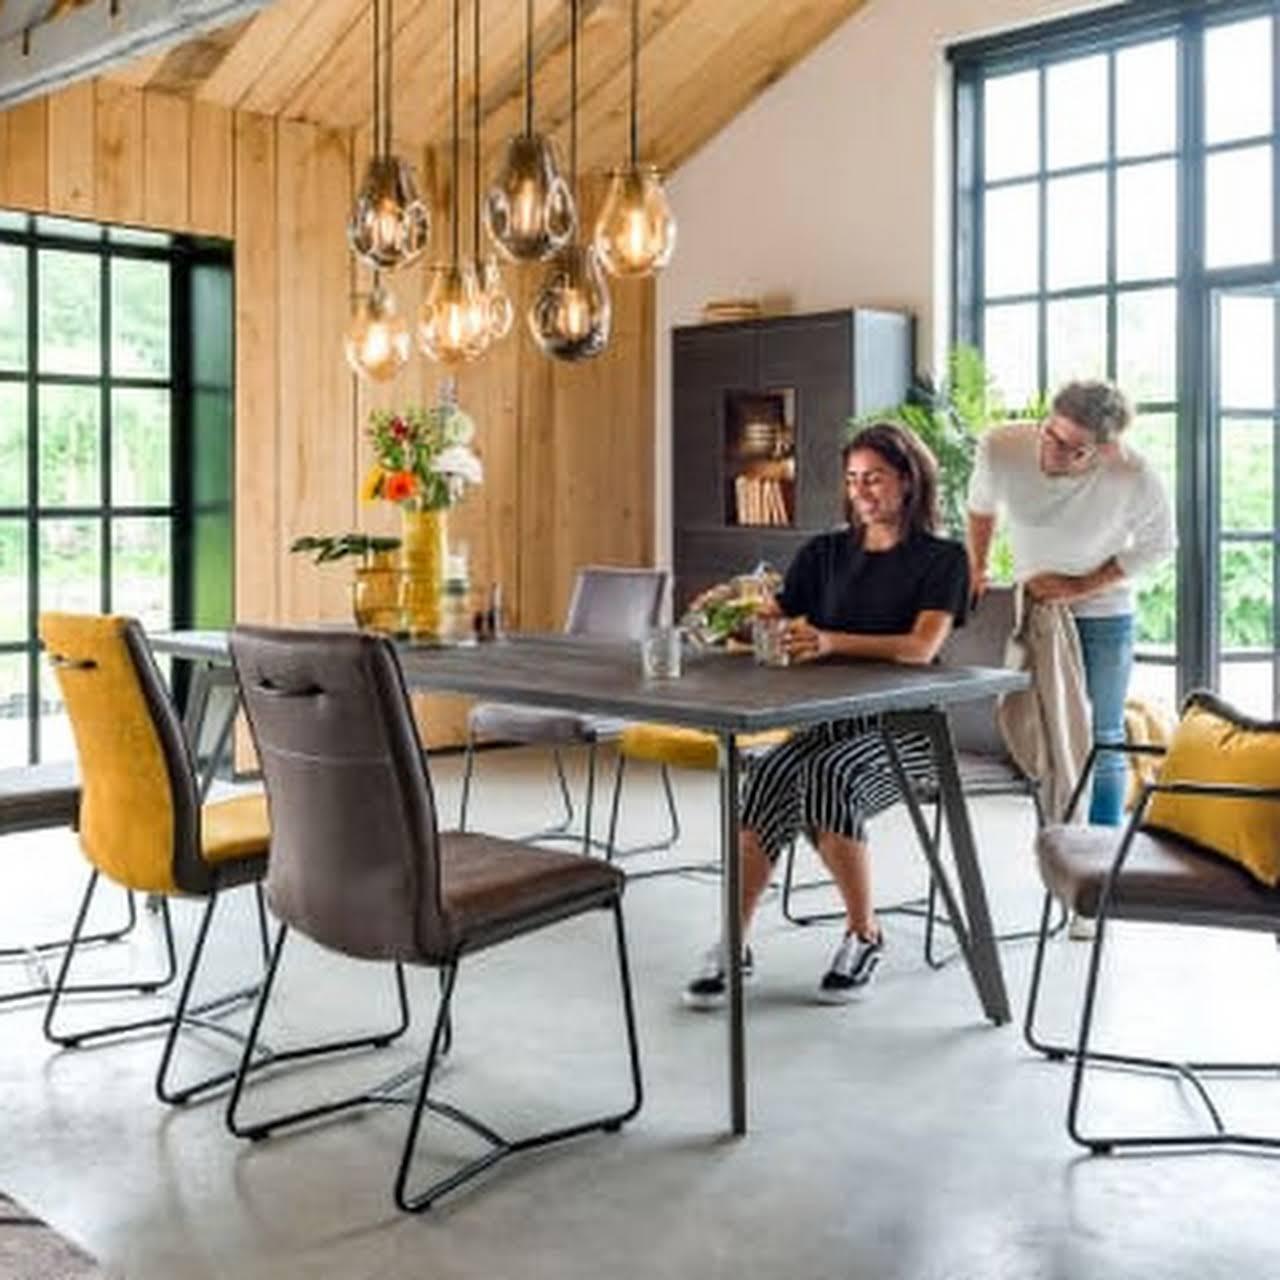 Salle A Manger H&h magasin de meubles h&h angoulême - nomadis - magasin de